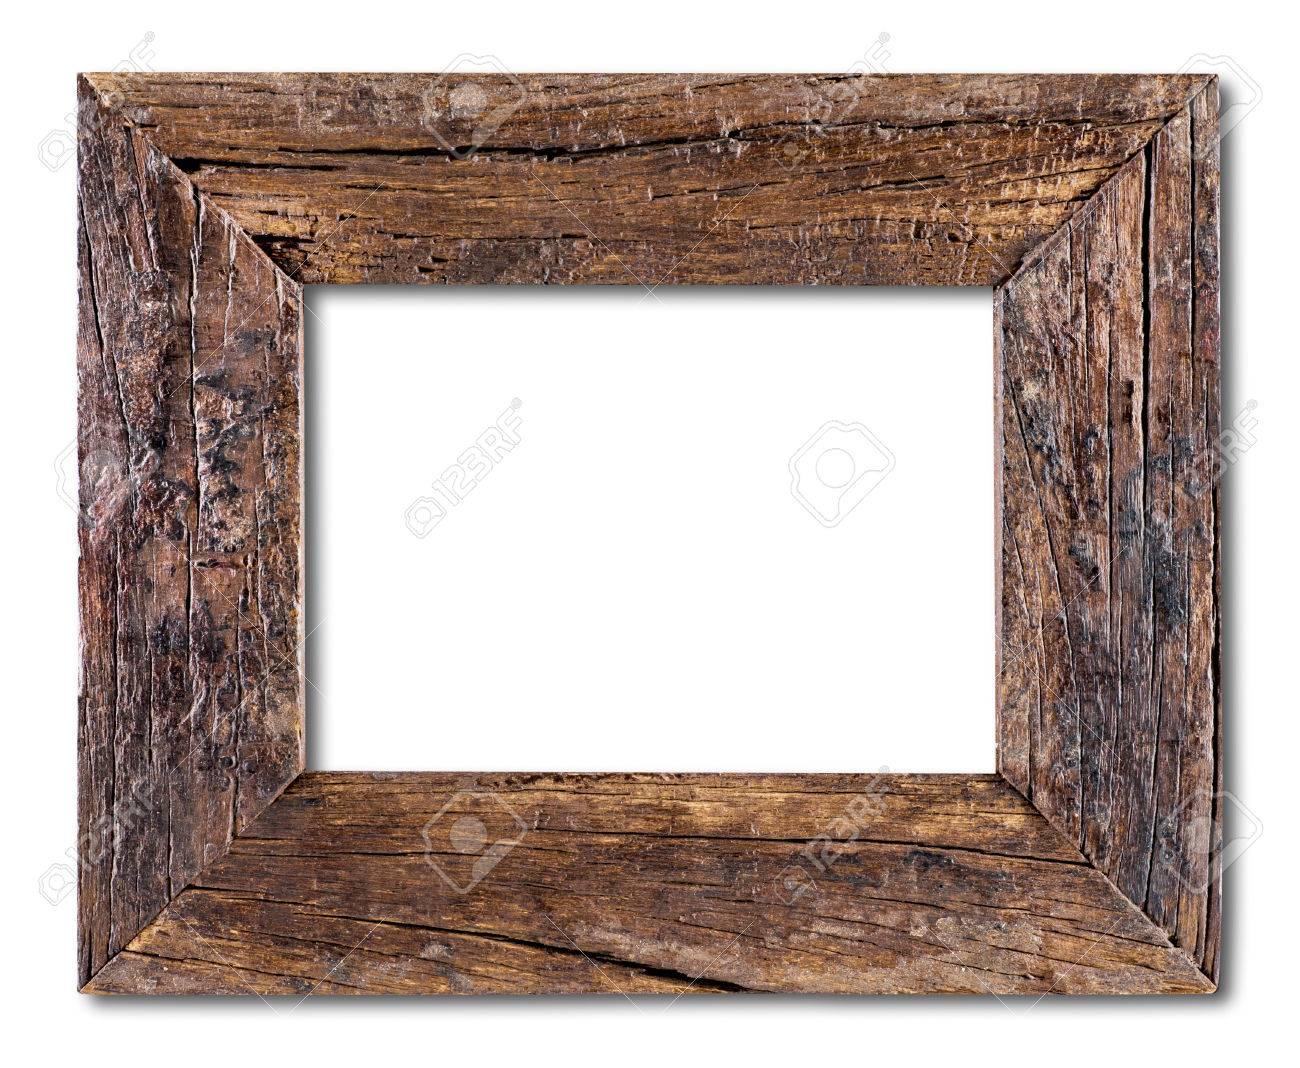 Alter Holzrahmen Auf Einem Weißen Hintergrund Lizenzfreie Fotos ...